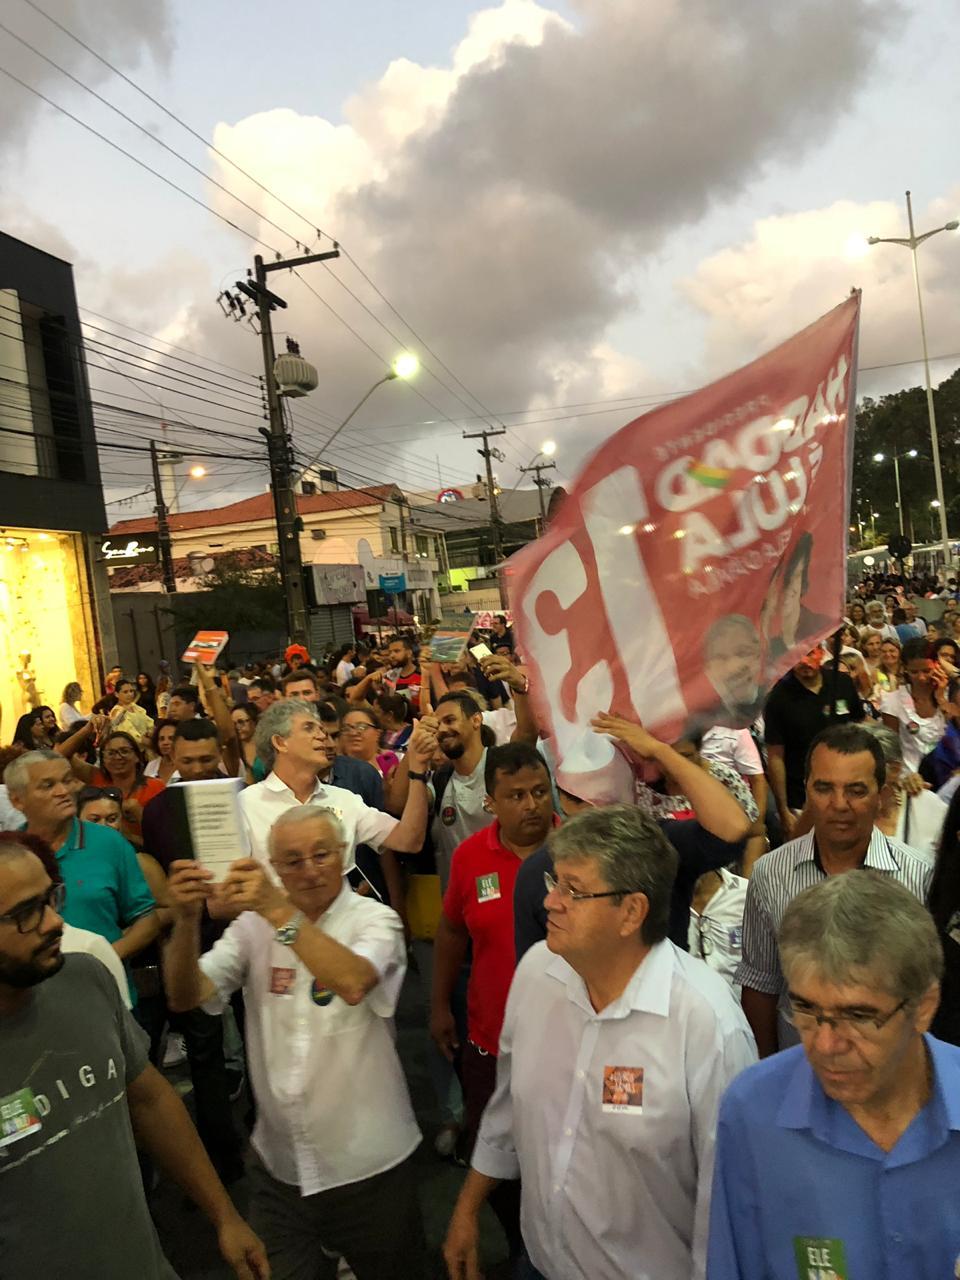 WhatsApp Image 2018 10 15 at 20.20.04 - Em caminhada, João e RC defendem democracia durante manifestação do livro